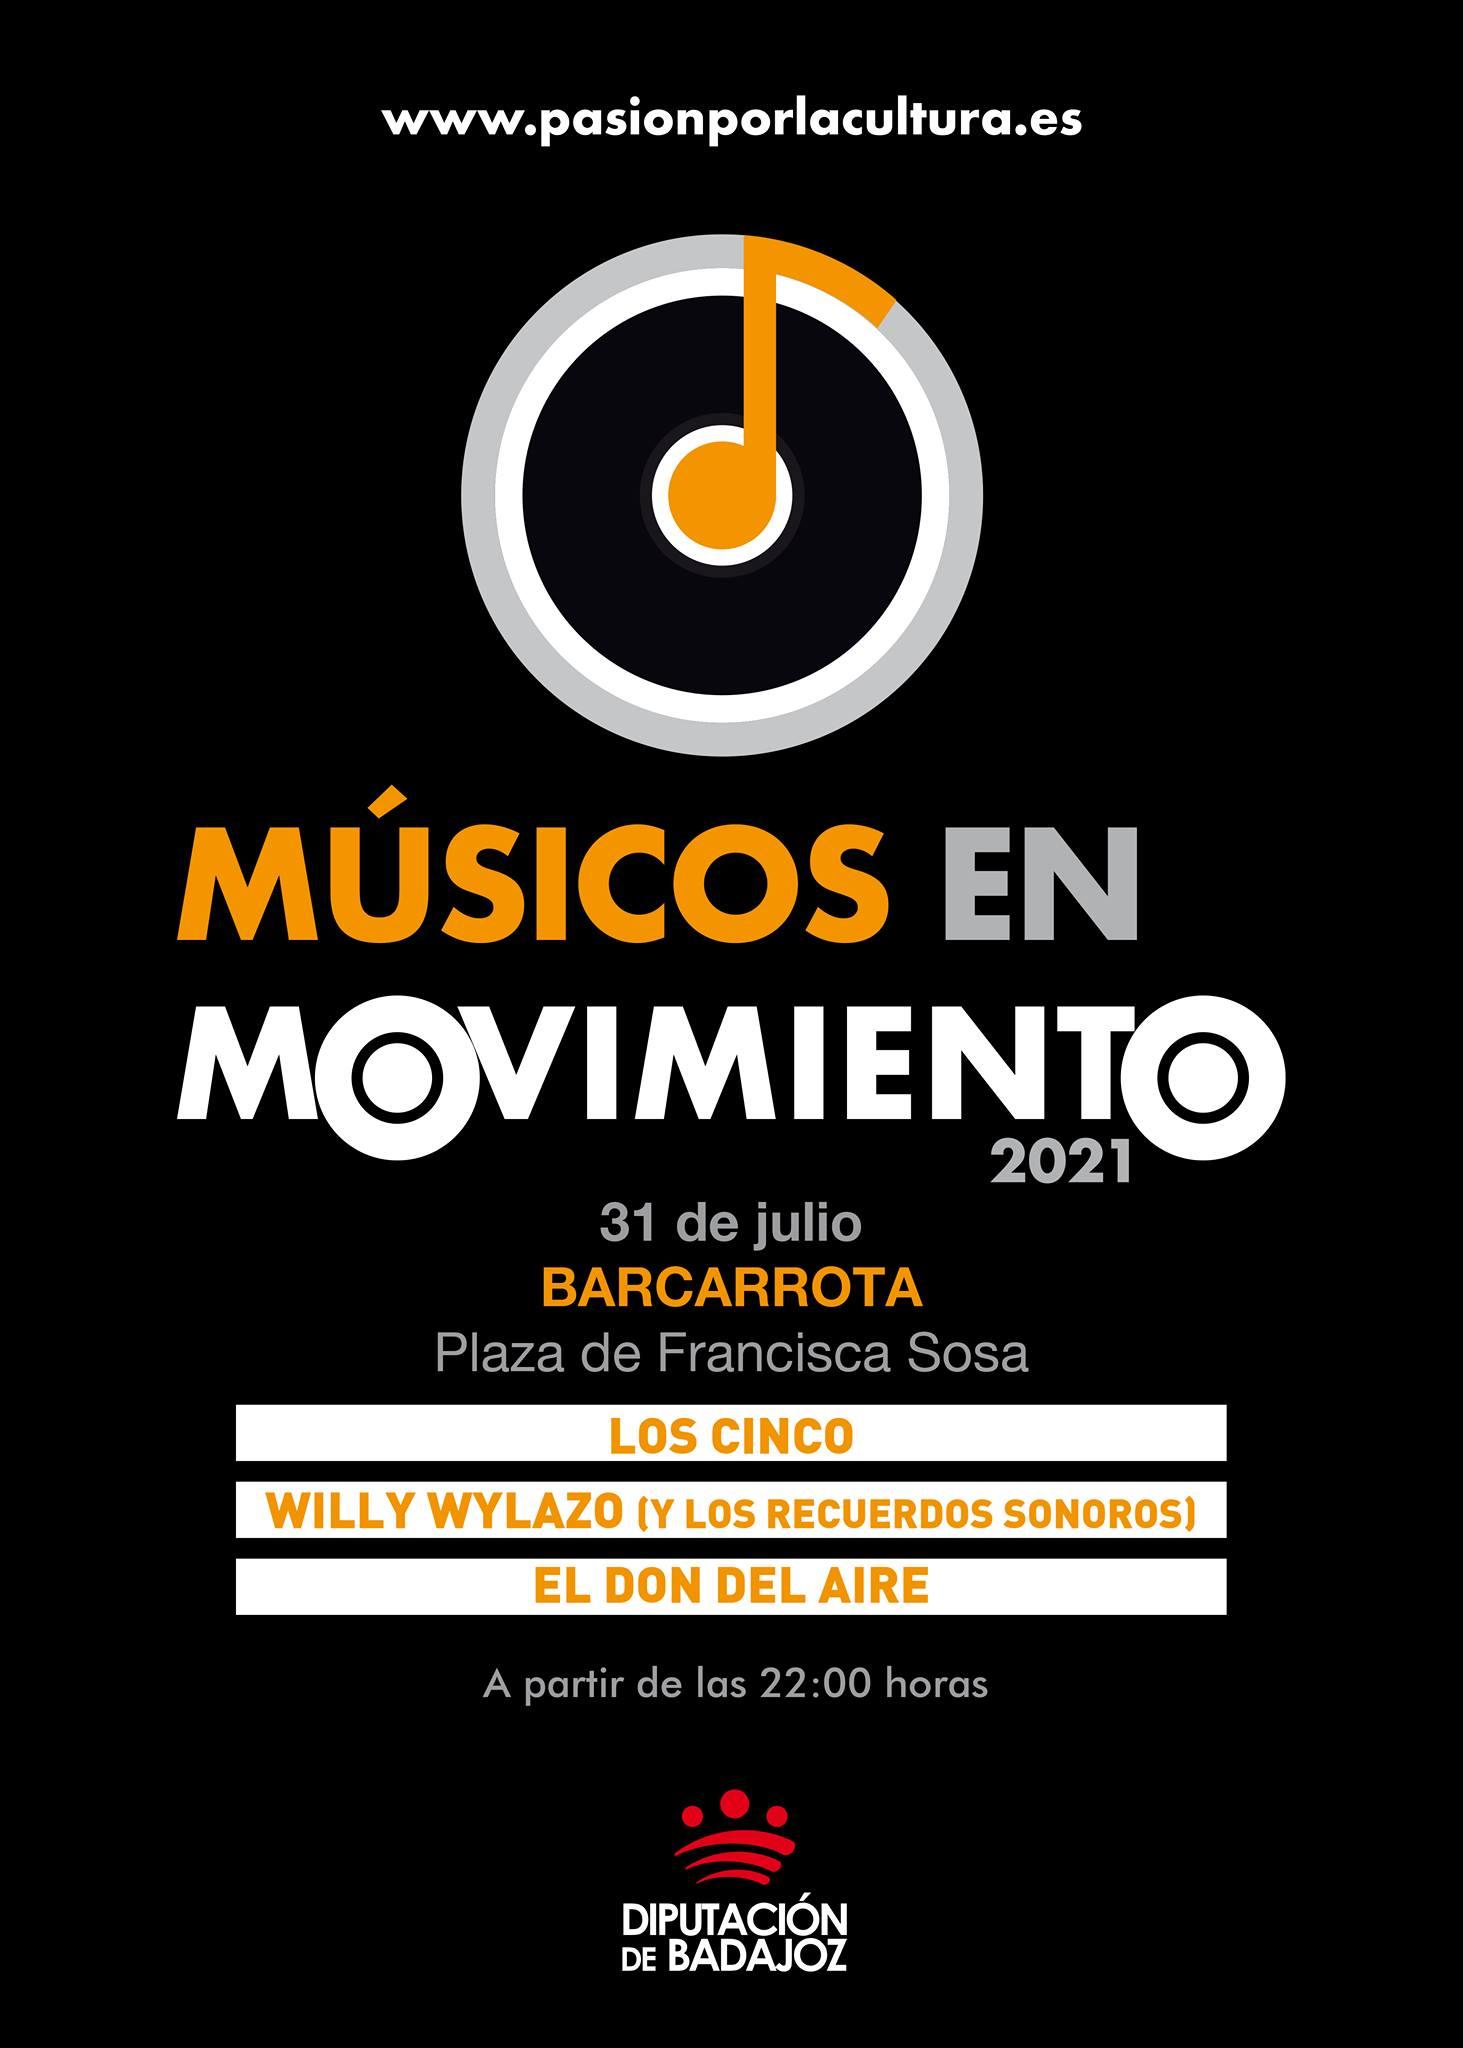 MÚSICOS EN MOVIMIENTO | Los Cinco + Willy Wylazo + El Don Del Aire